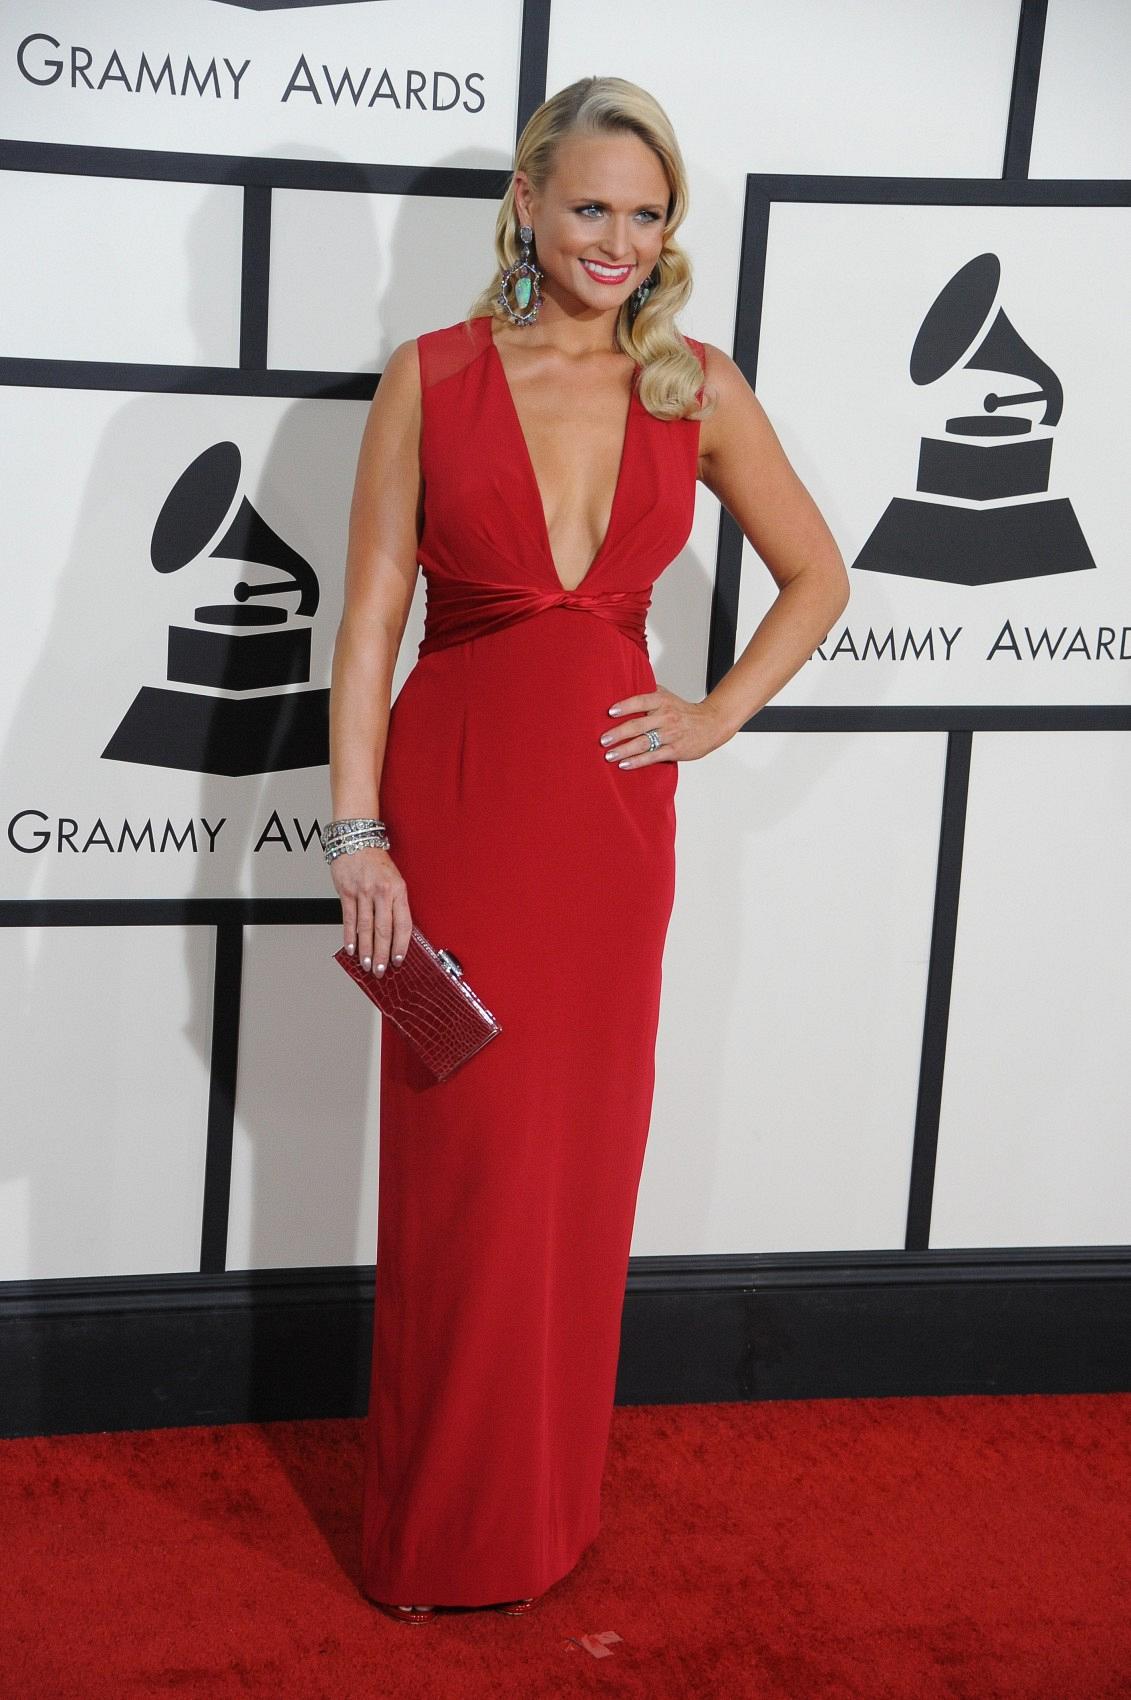 10. Miranda Lambert